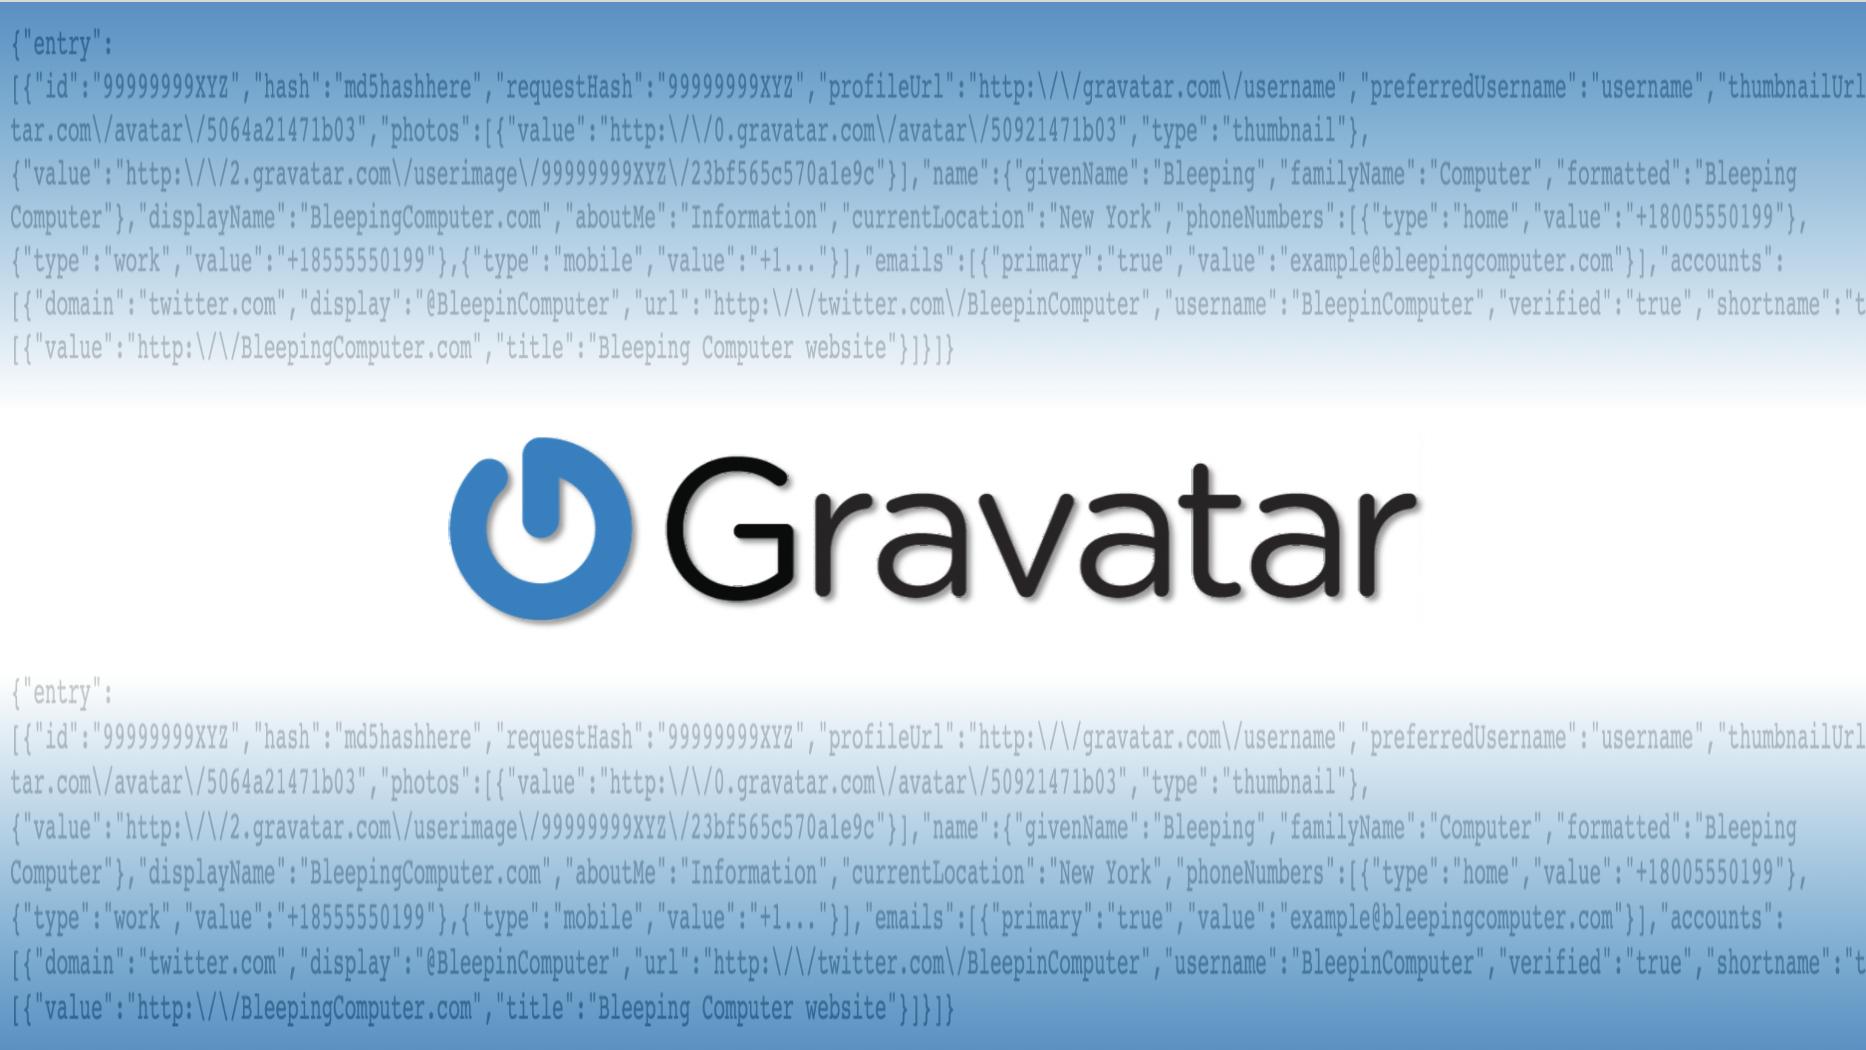 Il servizio di avatar online Gravatar consente la raccolta di massa delle informazioni dell'utente